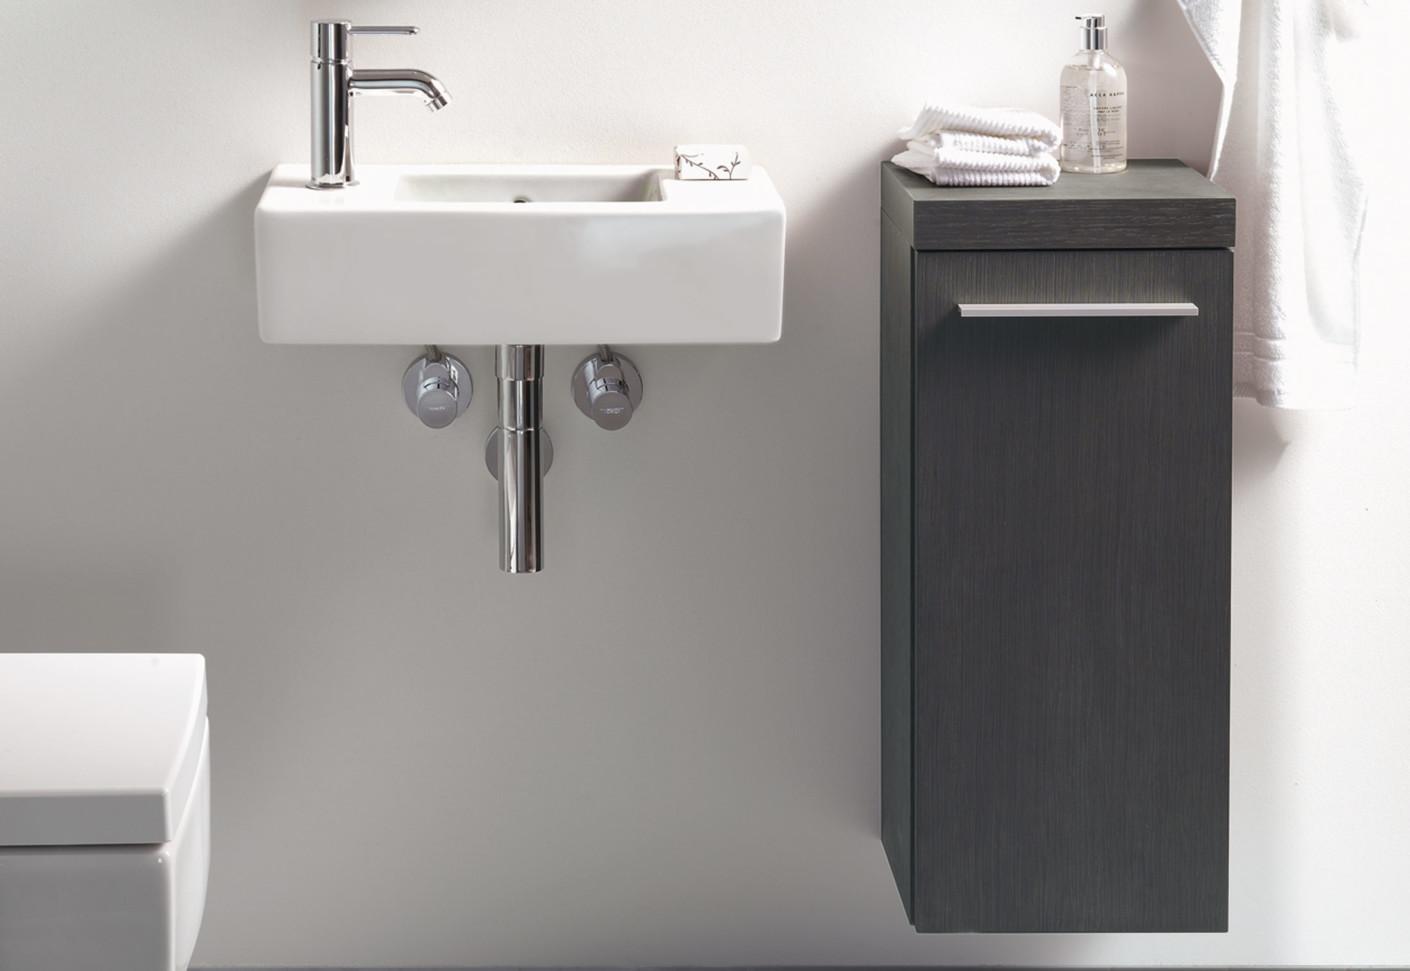 x large schrank von duravit stylepark. Black Bedroom Furniture Sets. Home Design Ideas